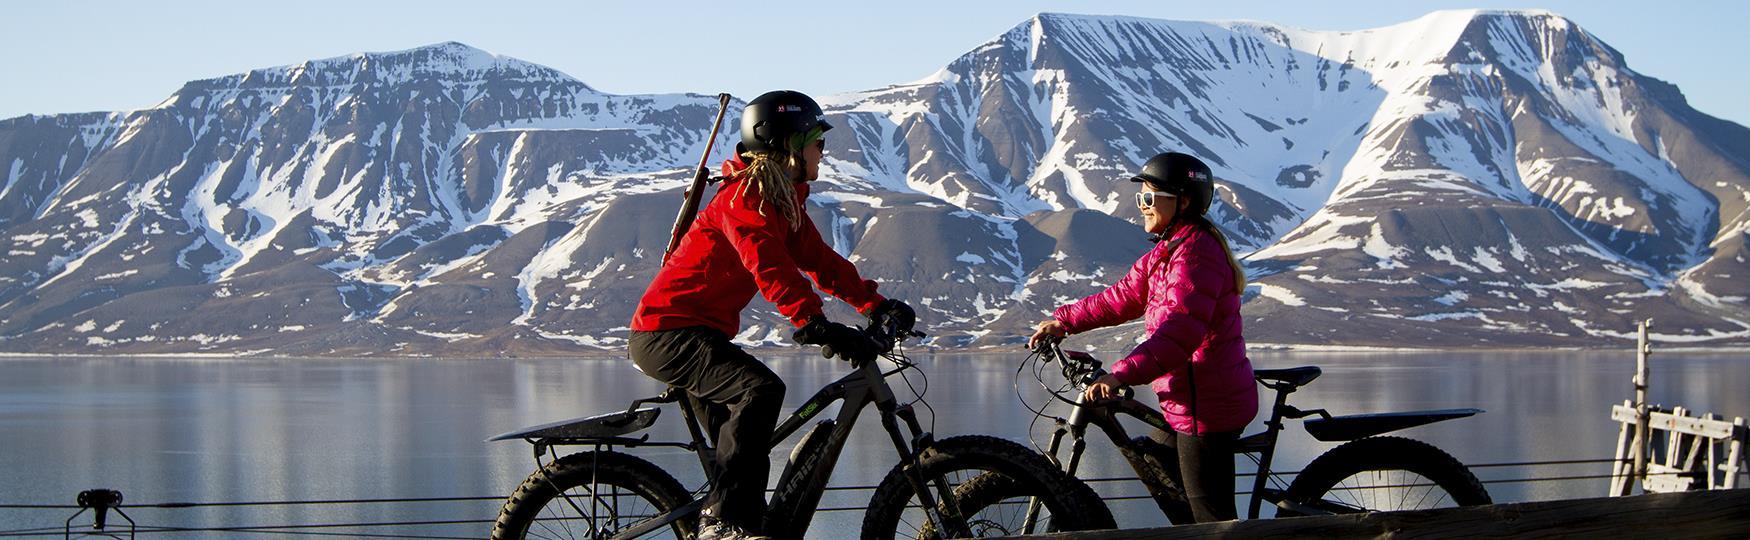 Smile more, ride a bike!